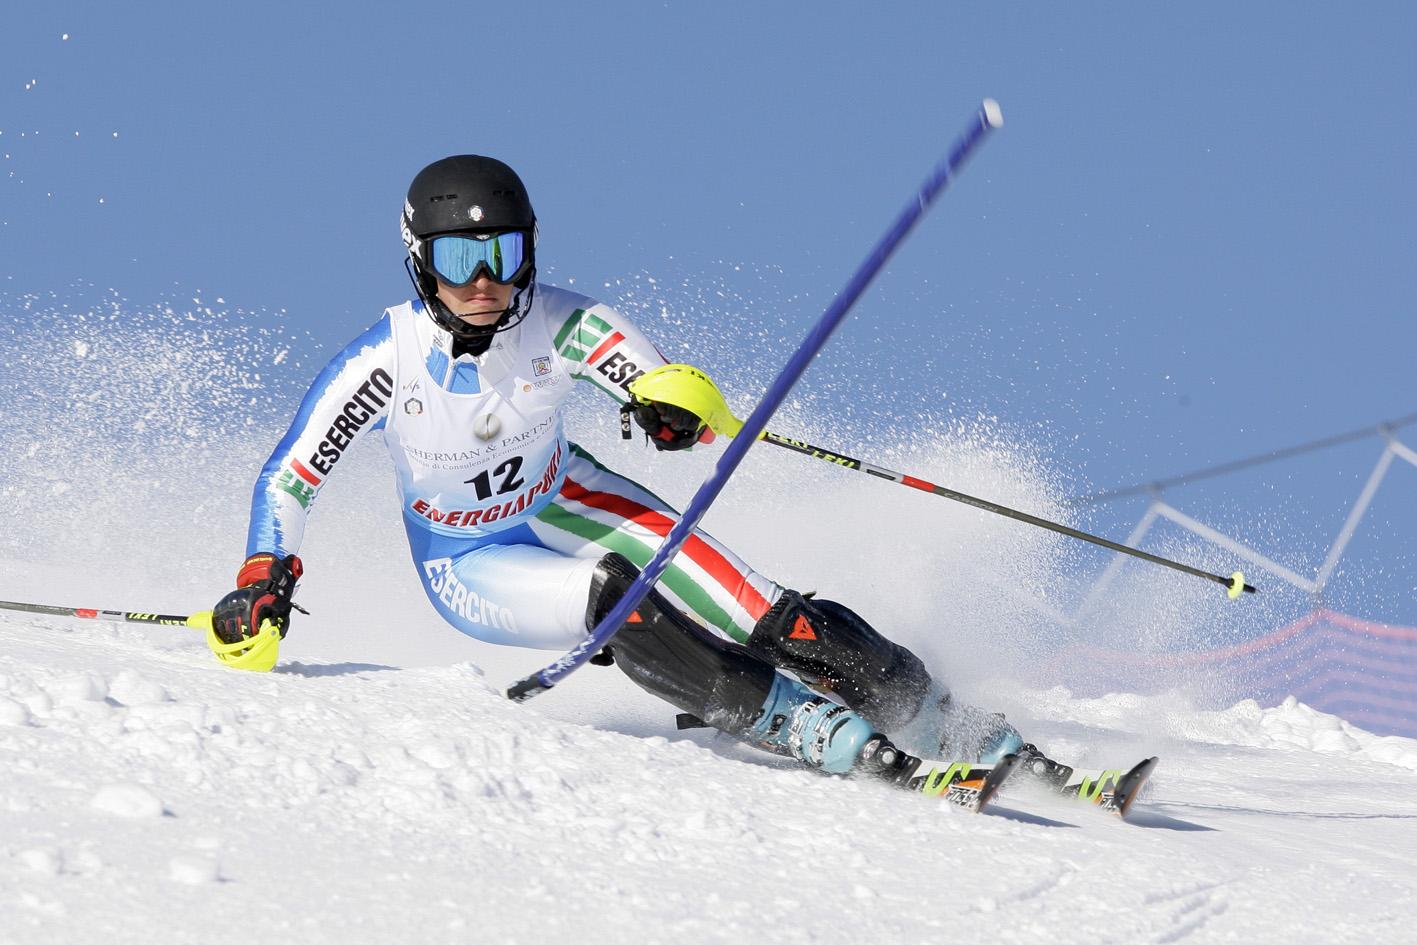 Coppa del Mondo Sci Alpino 2016: Lindsey Vonn domina